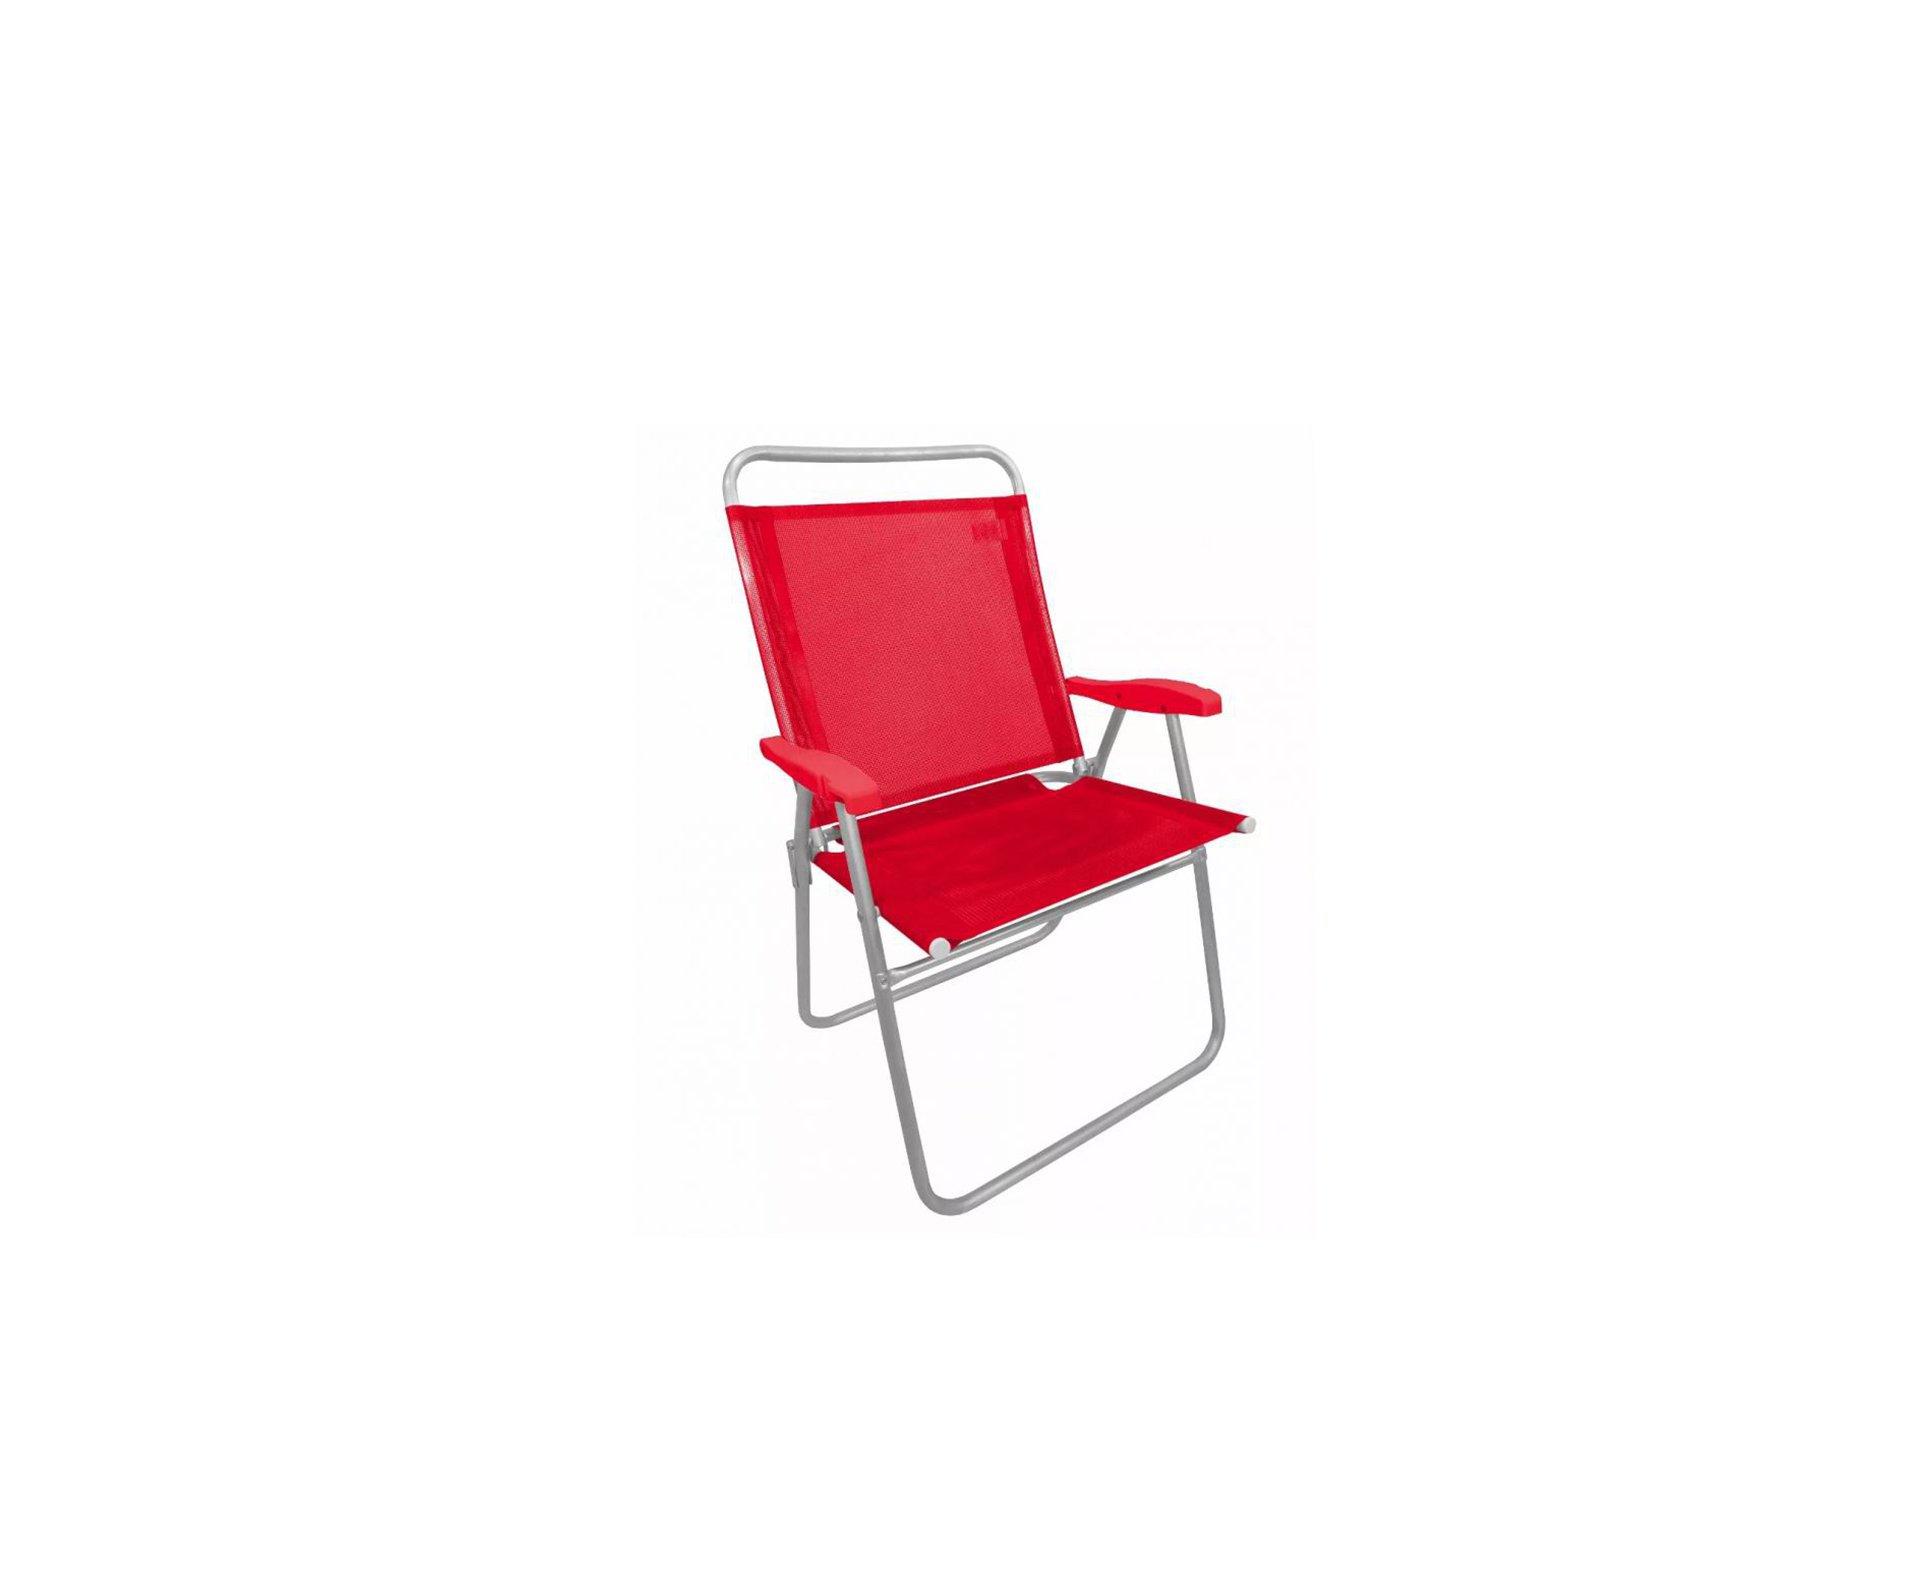 Cadeira De Praia Em Aluminio Zaka King Vermelho Capacidade 140kg